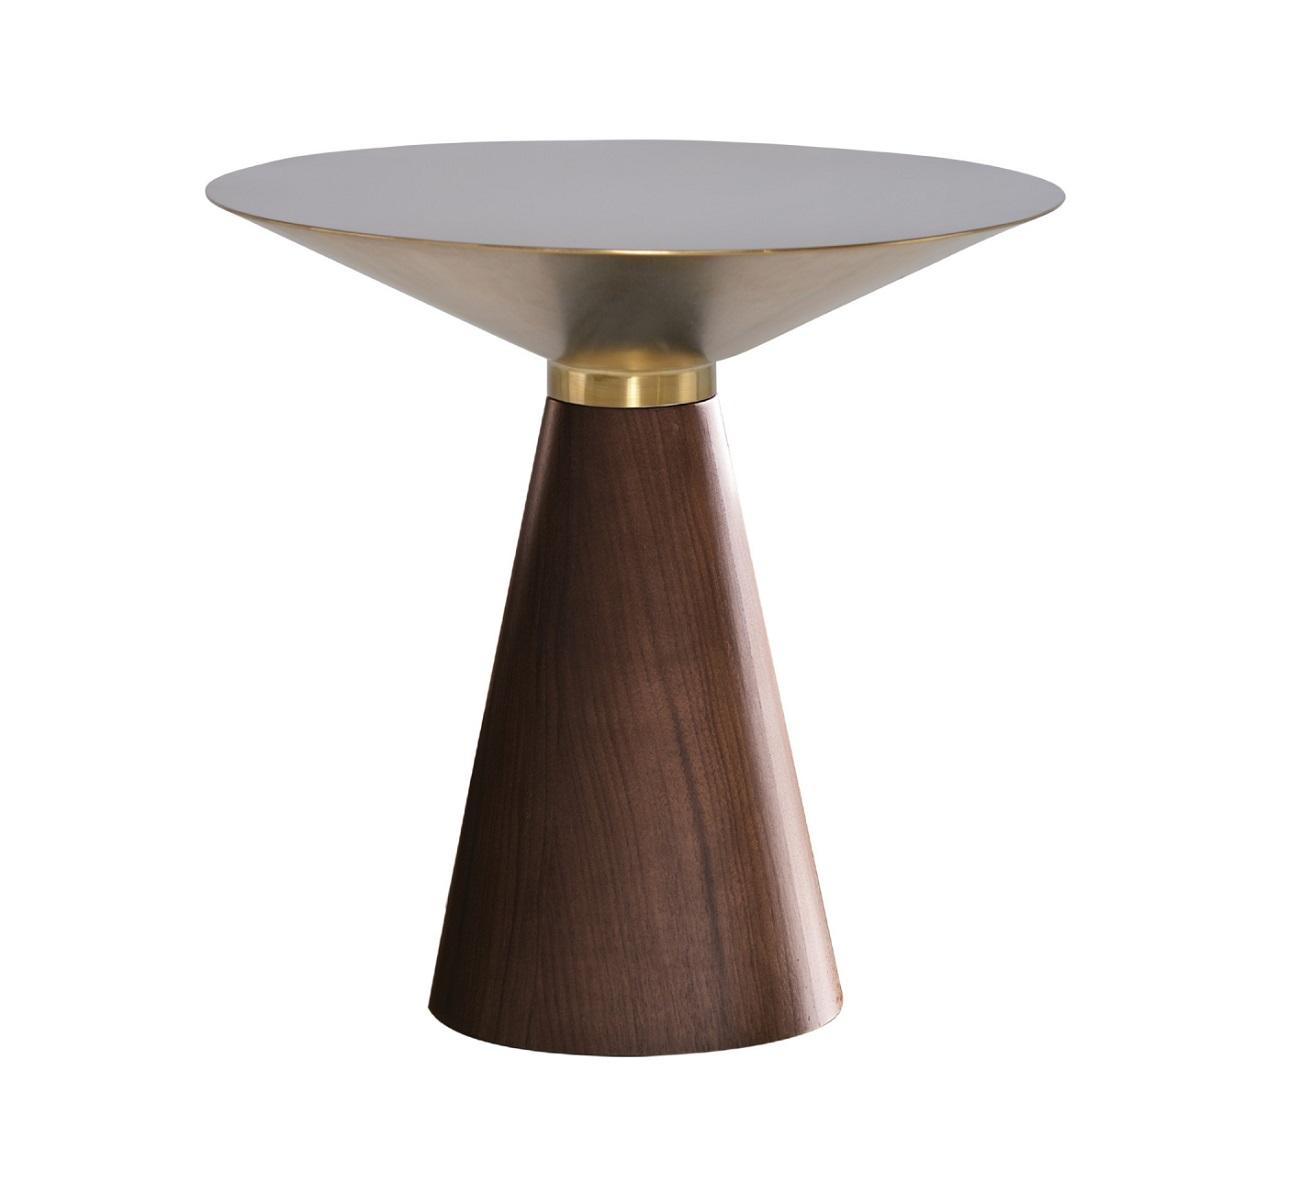 Nuevo Modern Furniture Iris Ii Side Table Brooklyn, New York